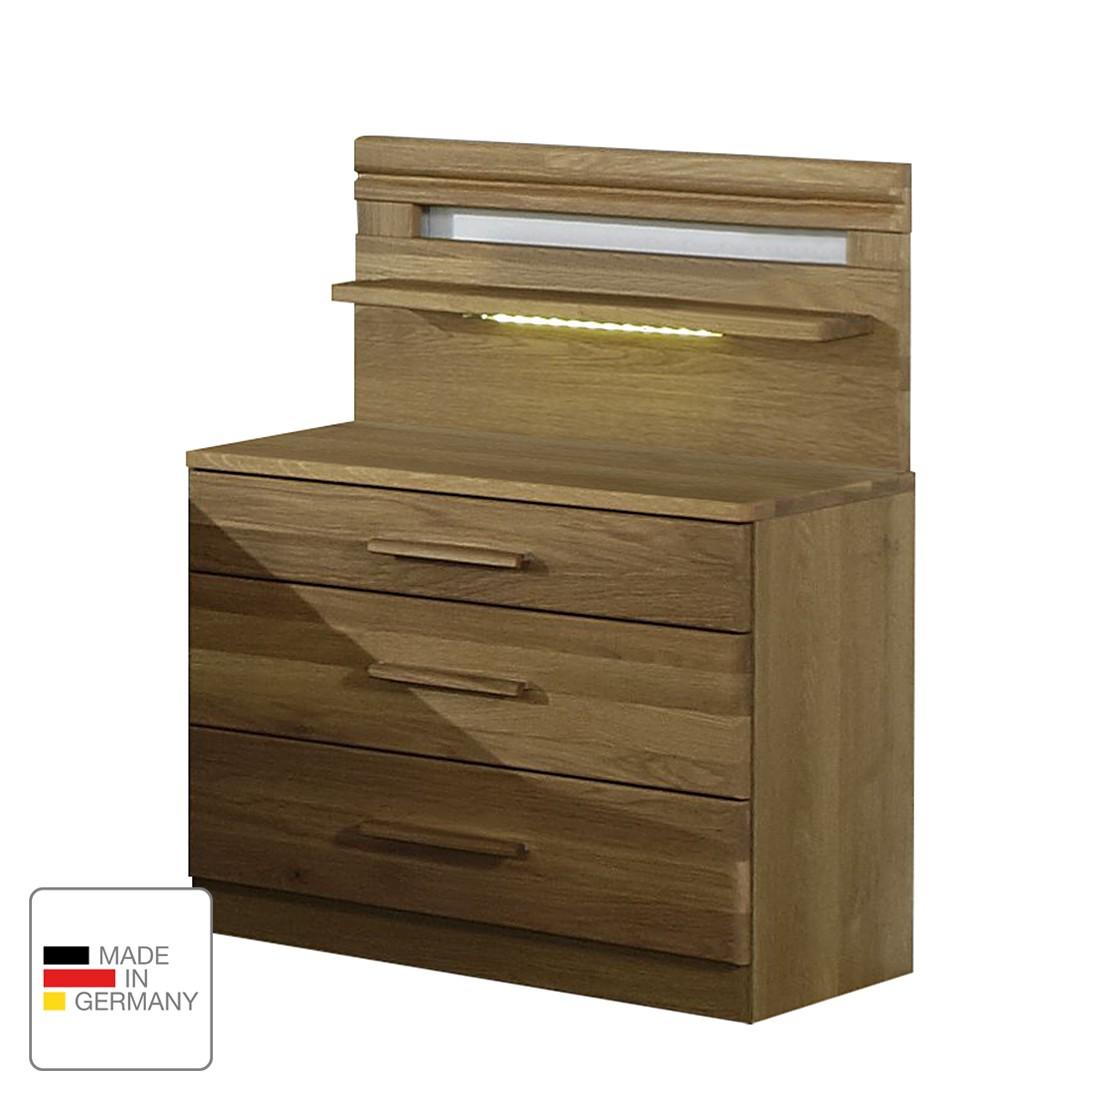 energia A+, Comodino Münster - Parzialmente in legno massello di quercia - Larghezza: 60 cm - Con pannello e illuminazione, Wiemann